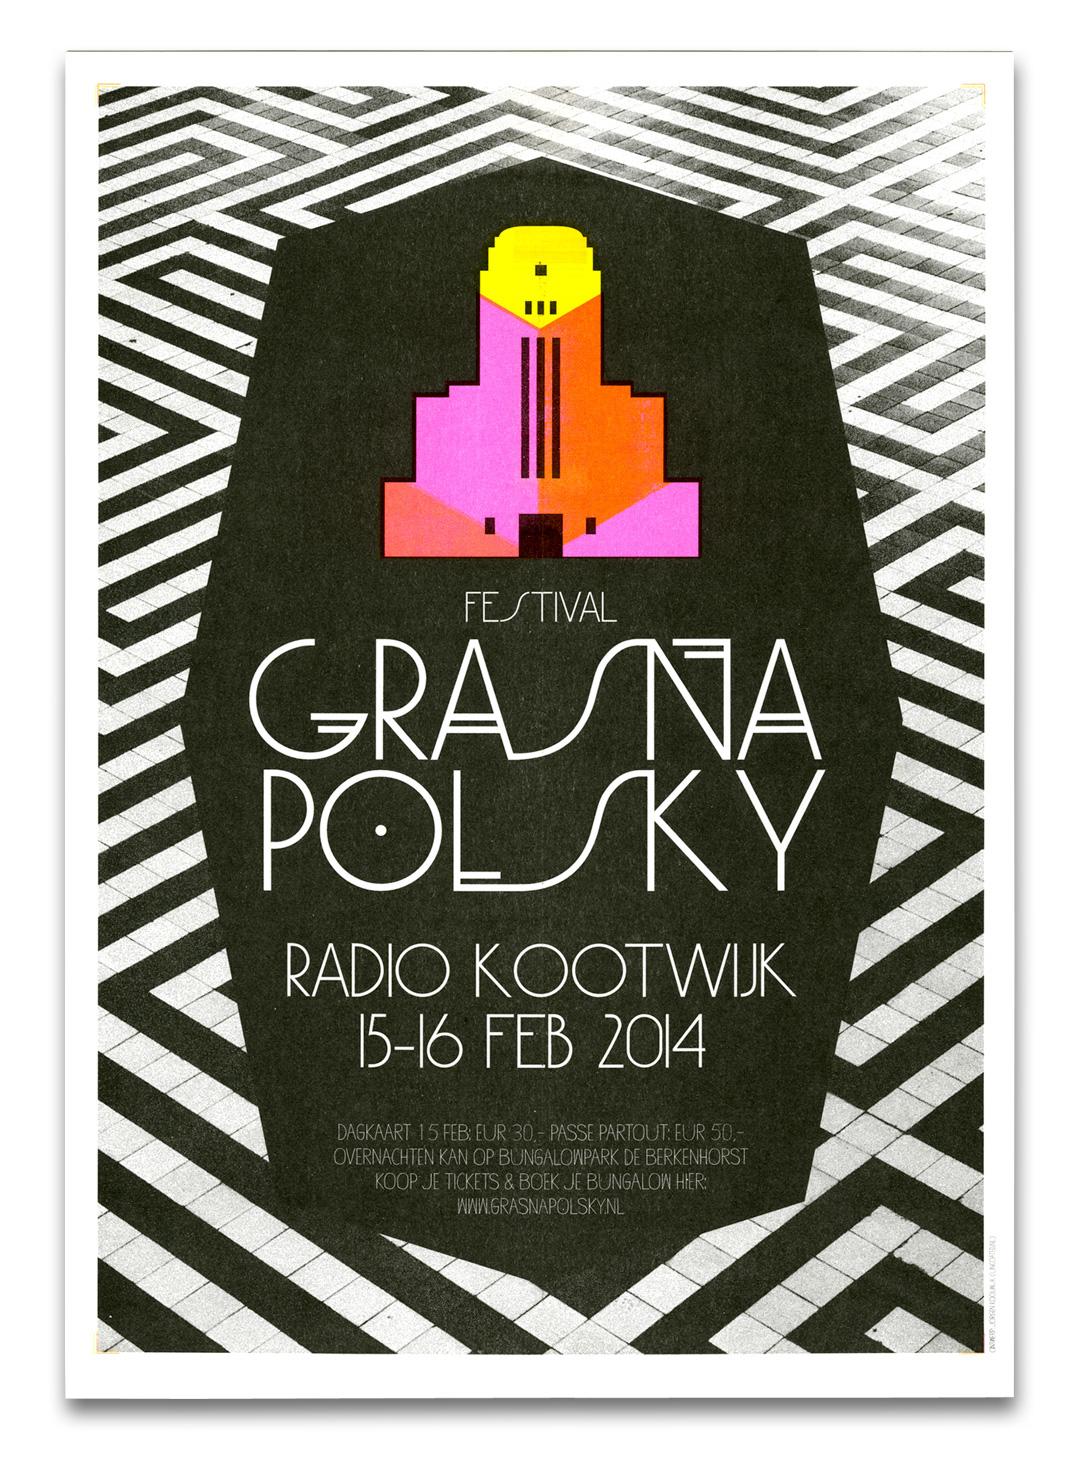 festival campaign risograph poster radiokootwijk graphic design